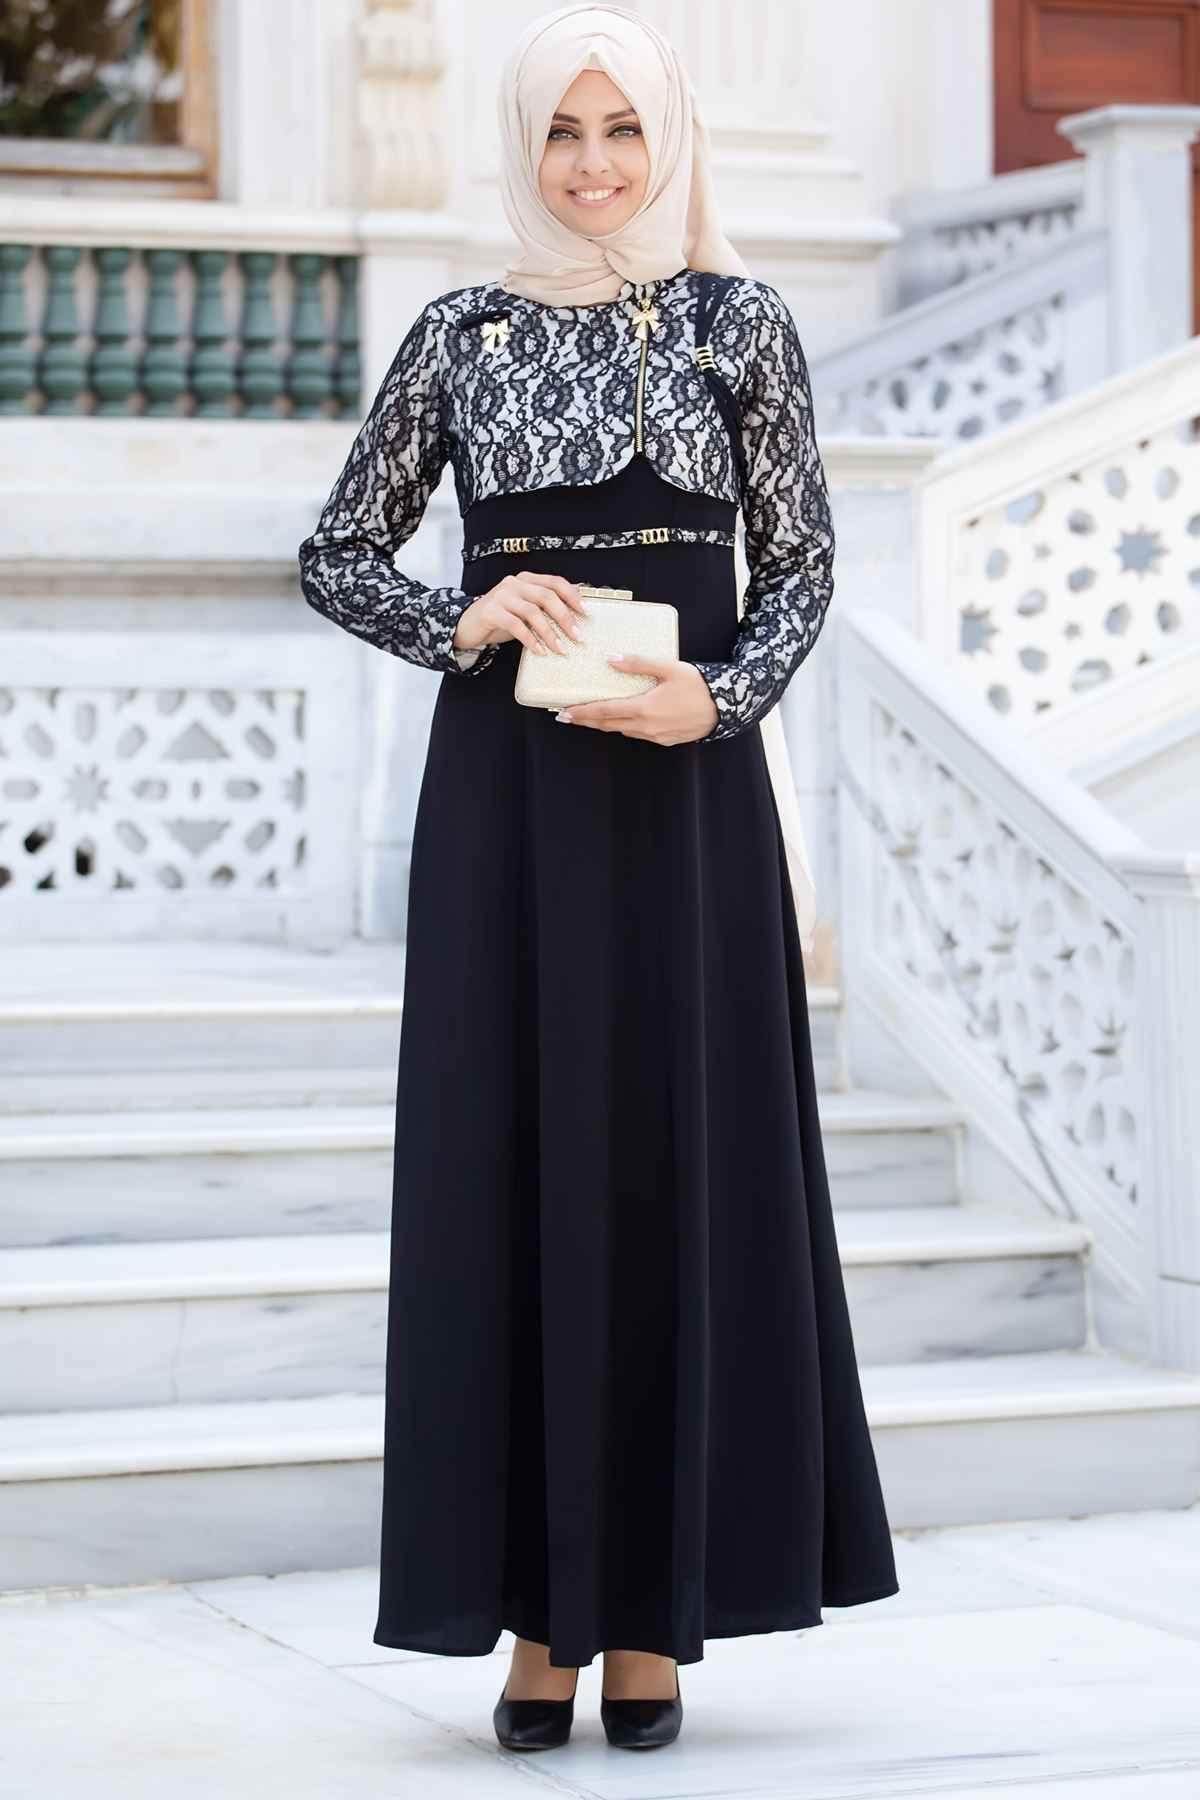 Sedanur Tesettür Bolero Görünümlü Abiye Elbise Modelleri